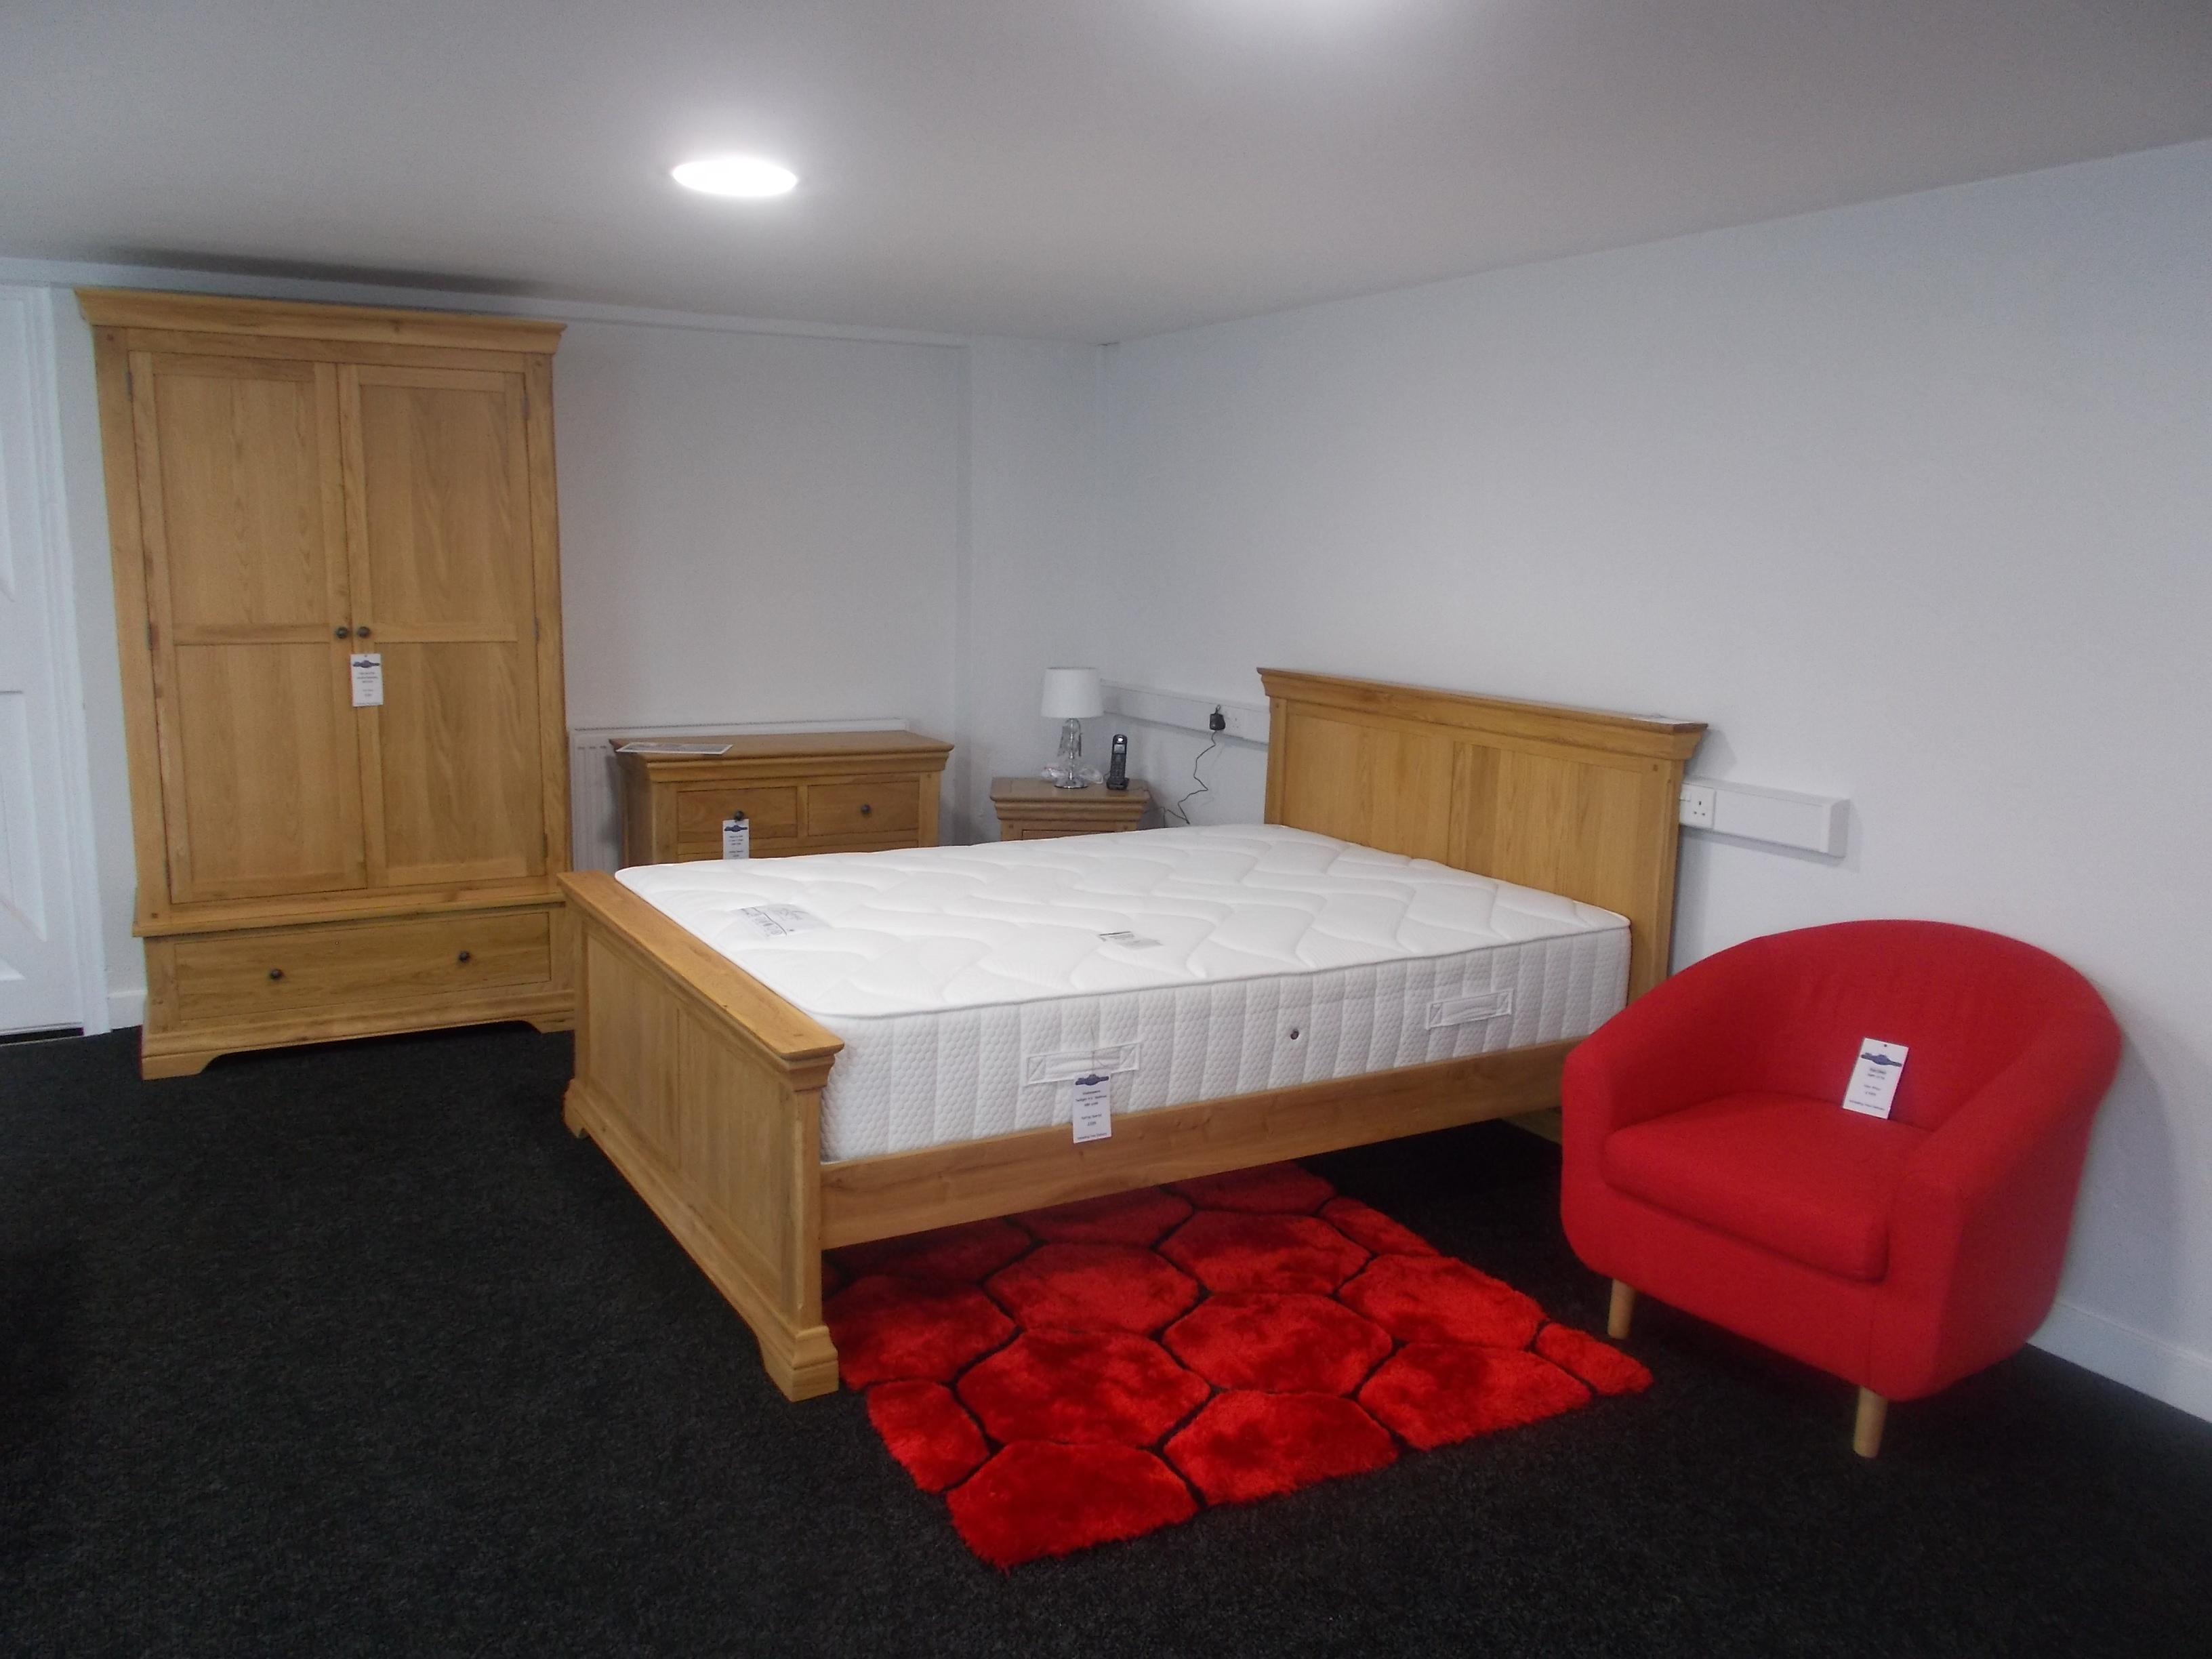 Bayonne Oak Bed